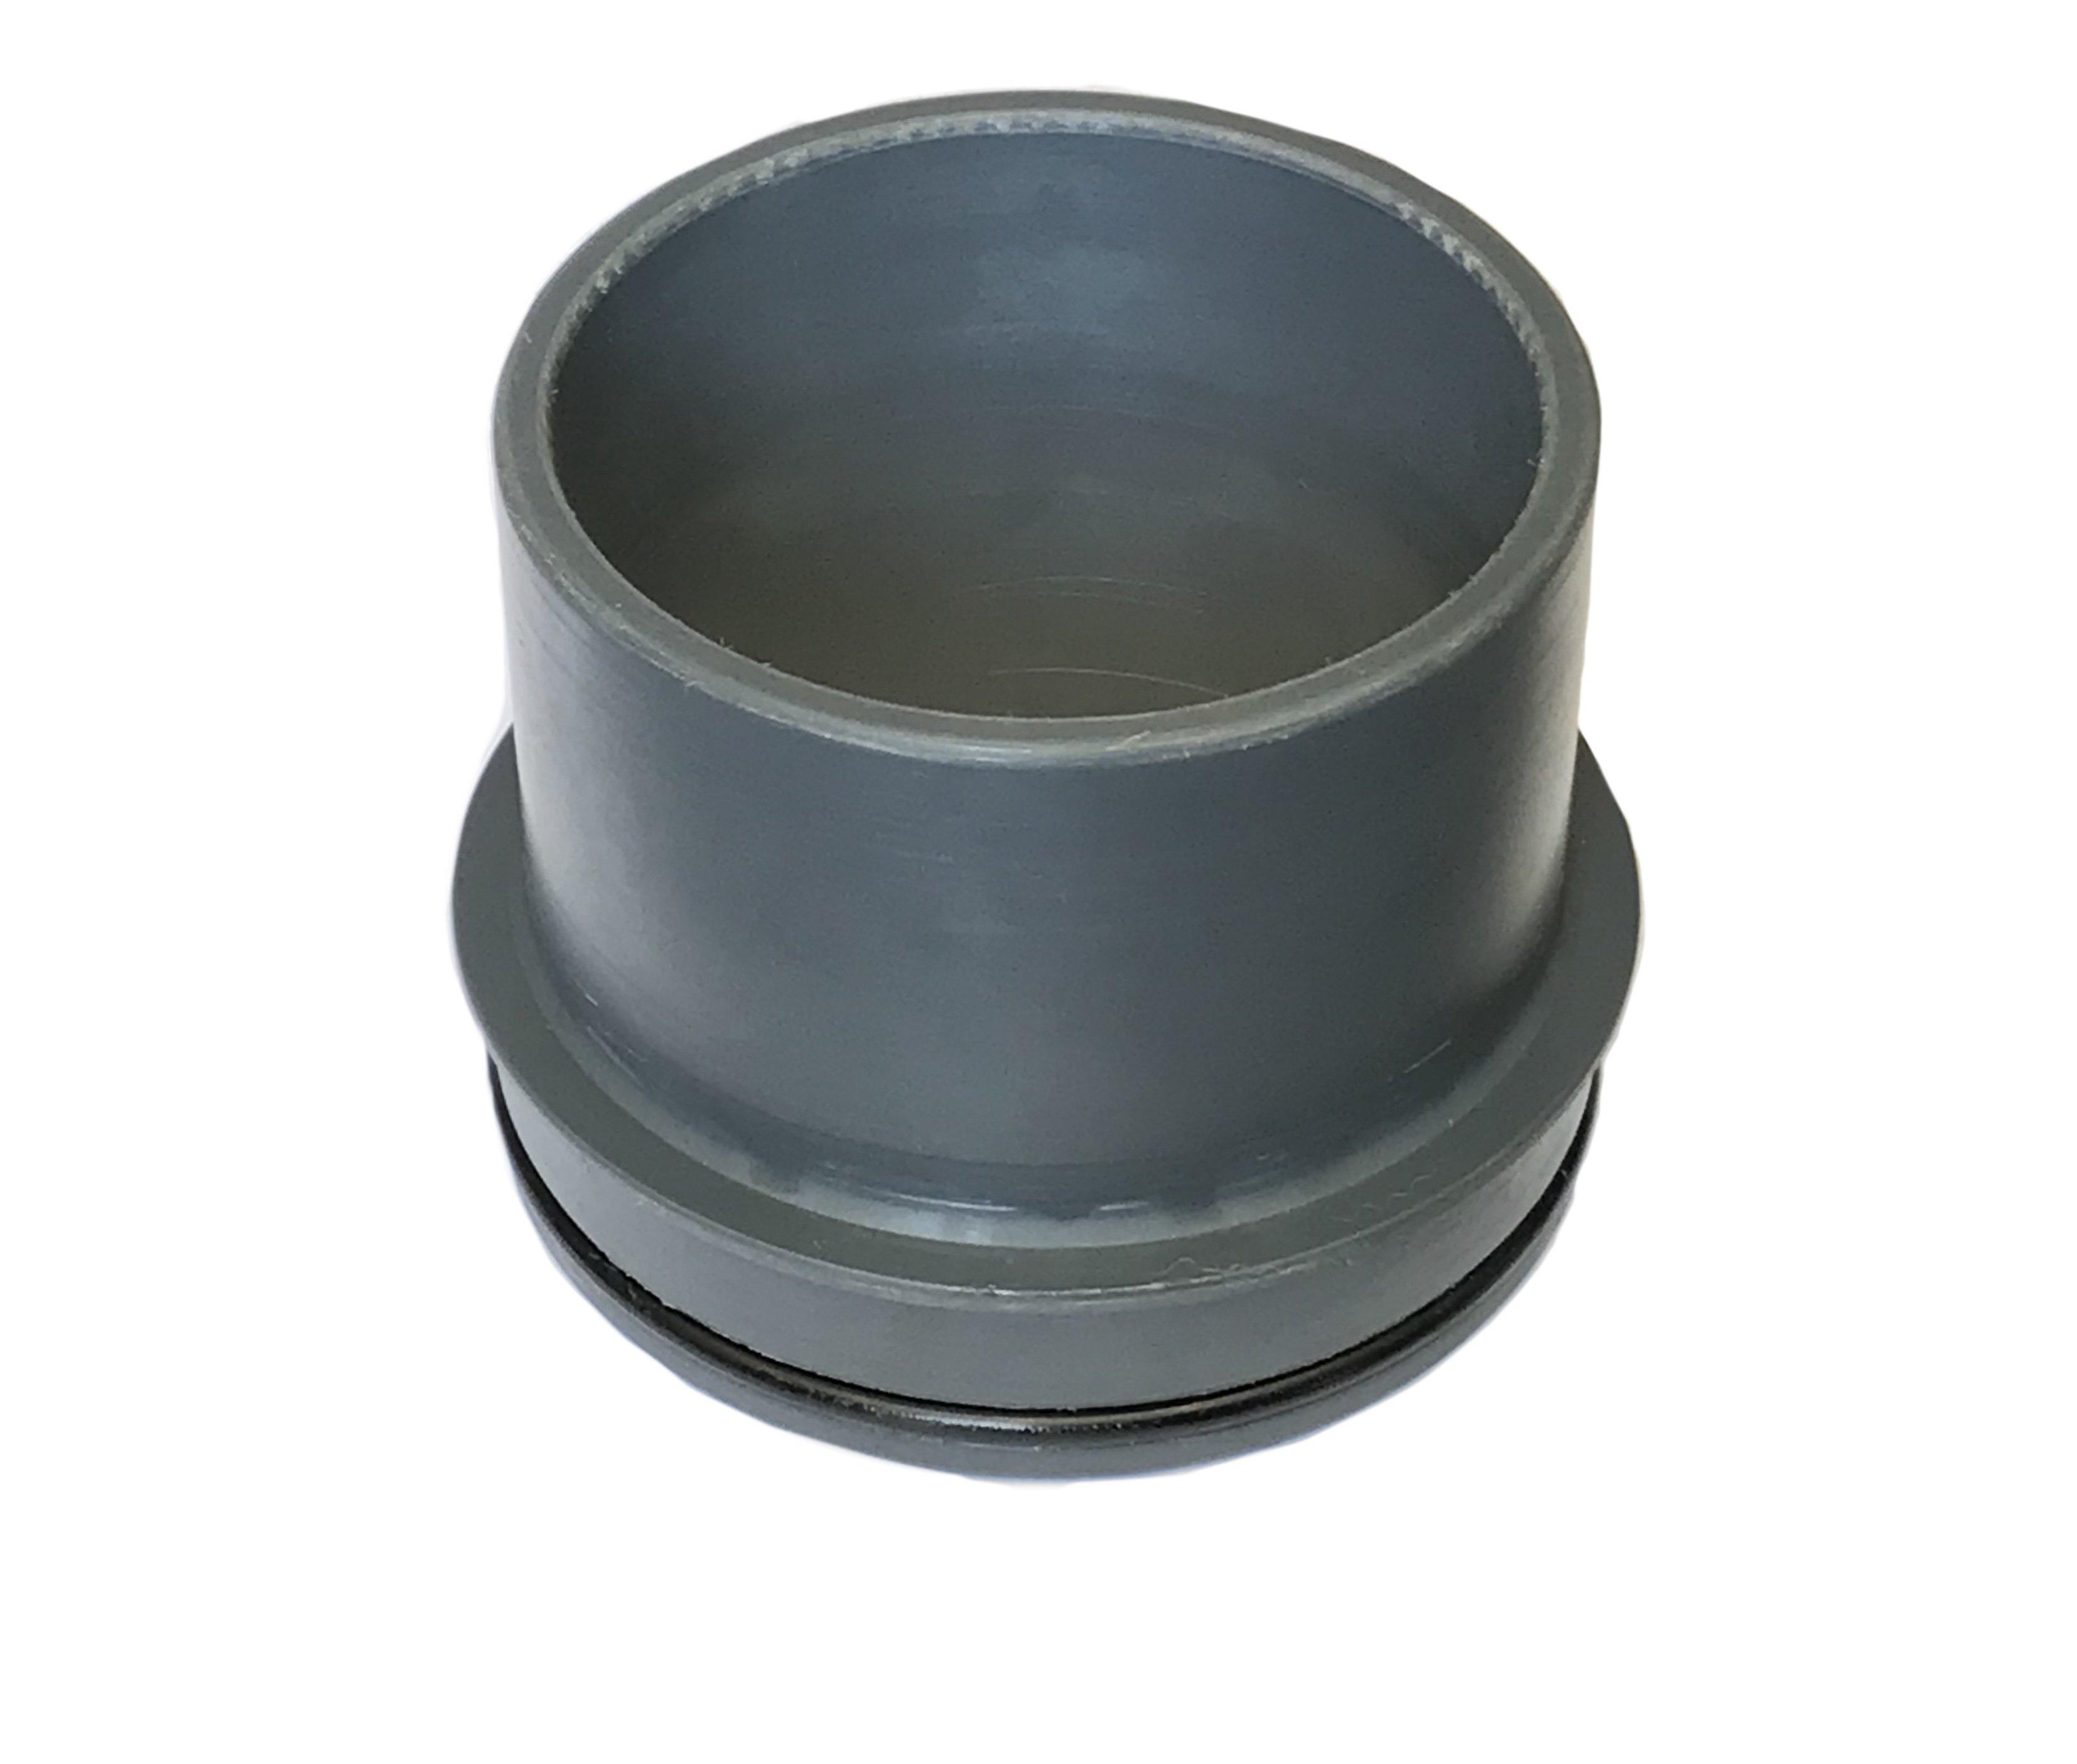 Truckmount Pre-Filter 3.5 Inlet Adaptor